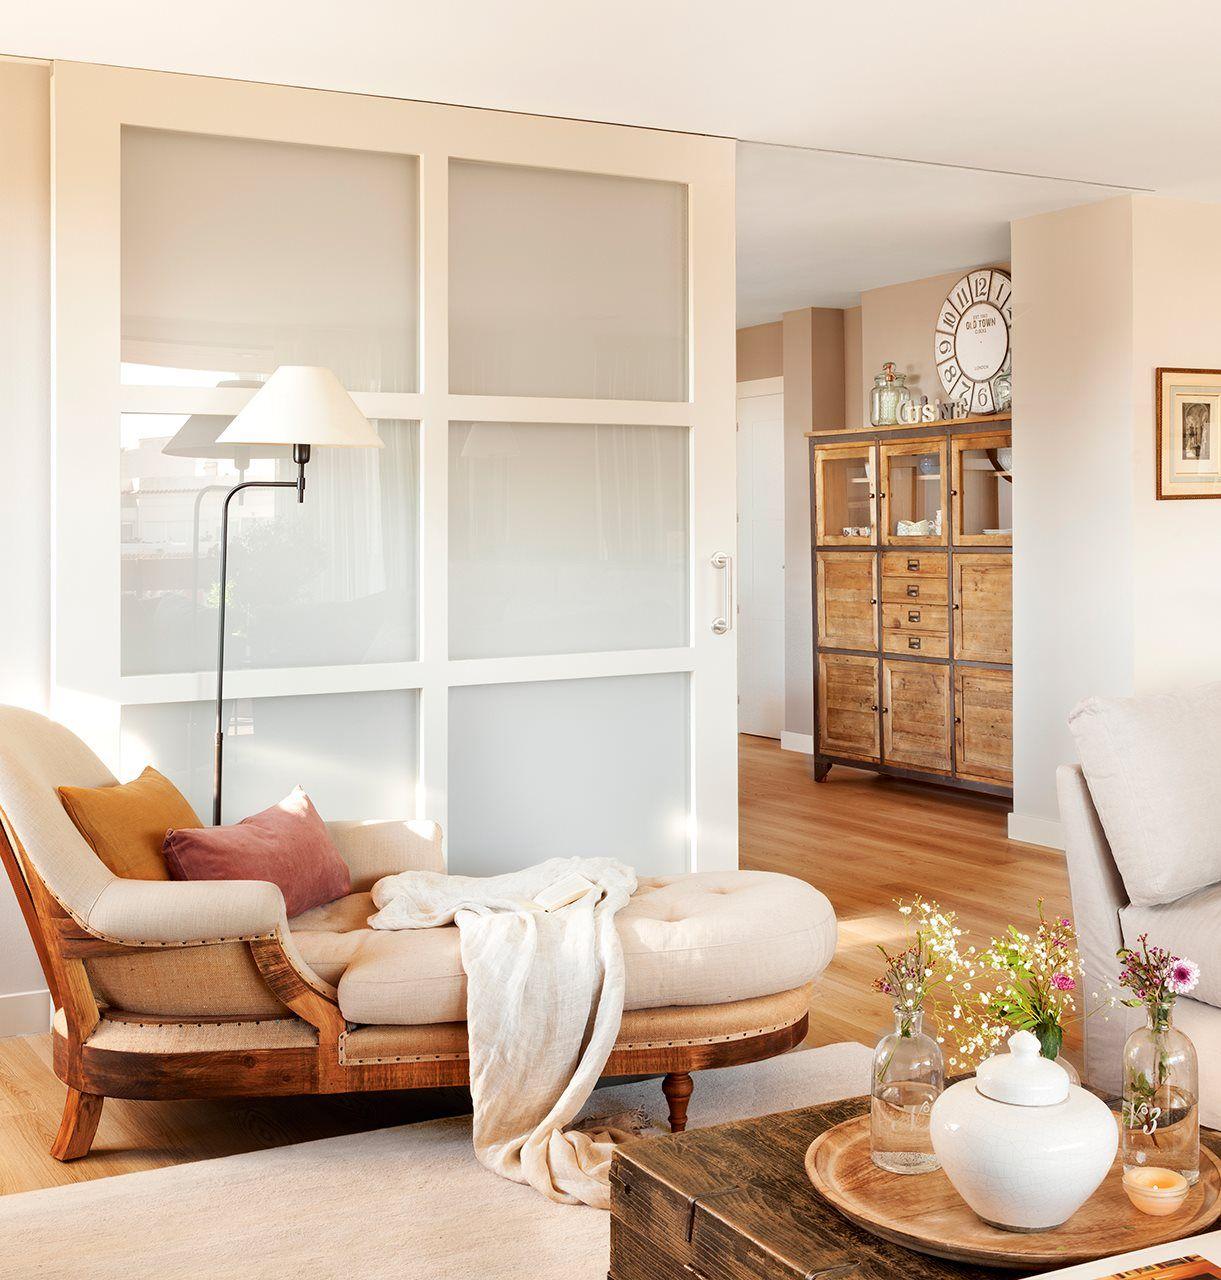 Consiguieron un piso m s amplio con correderas ateak for Puertas decorativas para interiores